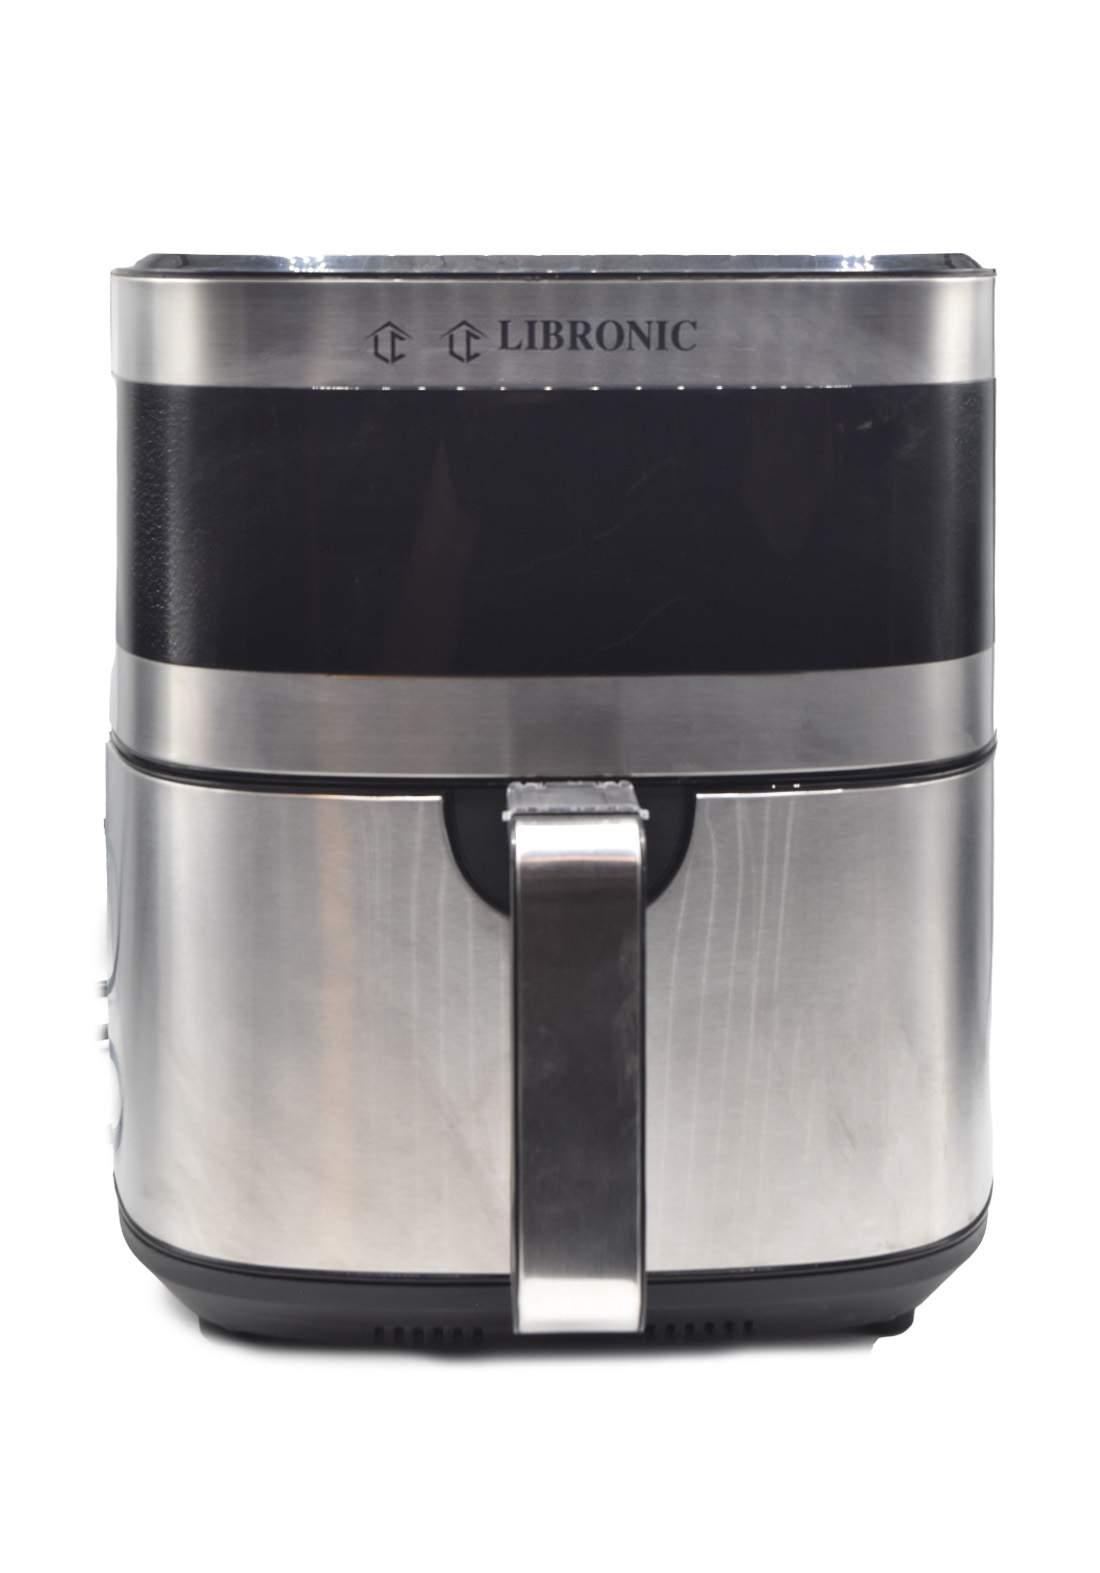 Libronic Essential Airfryer قلاية كهربائية